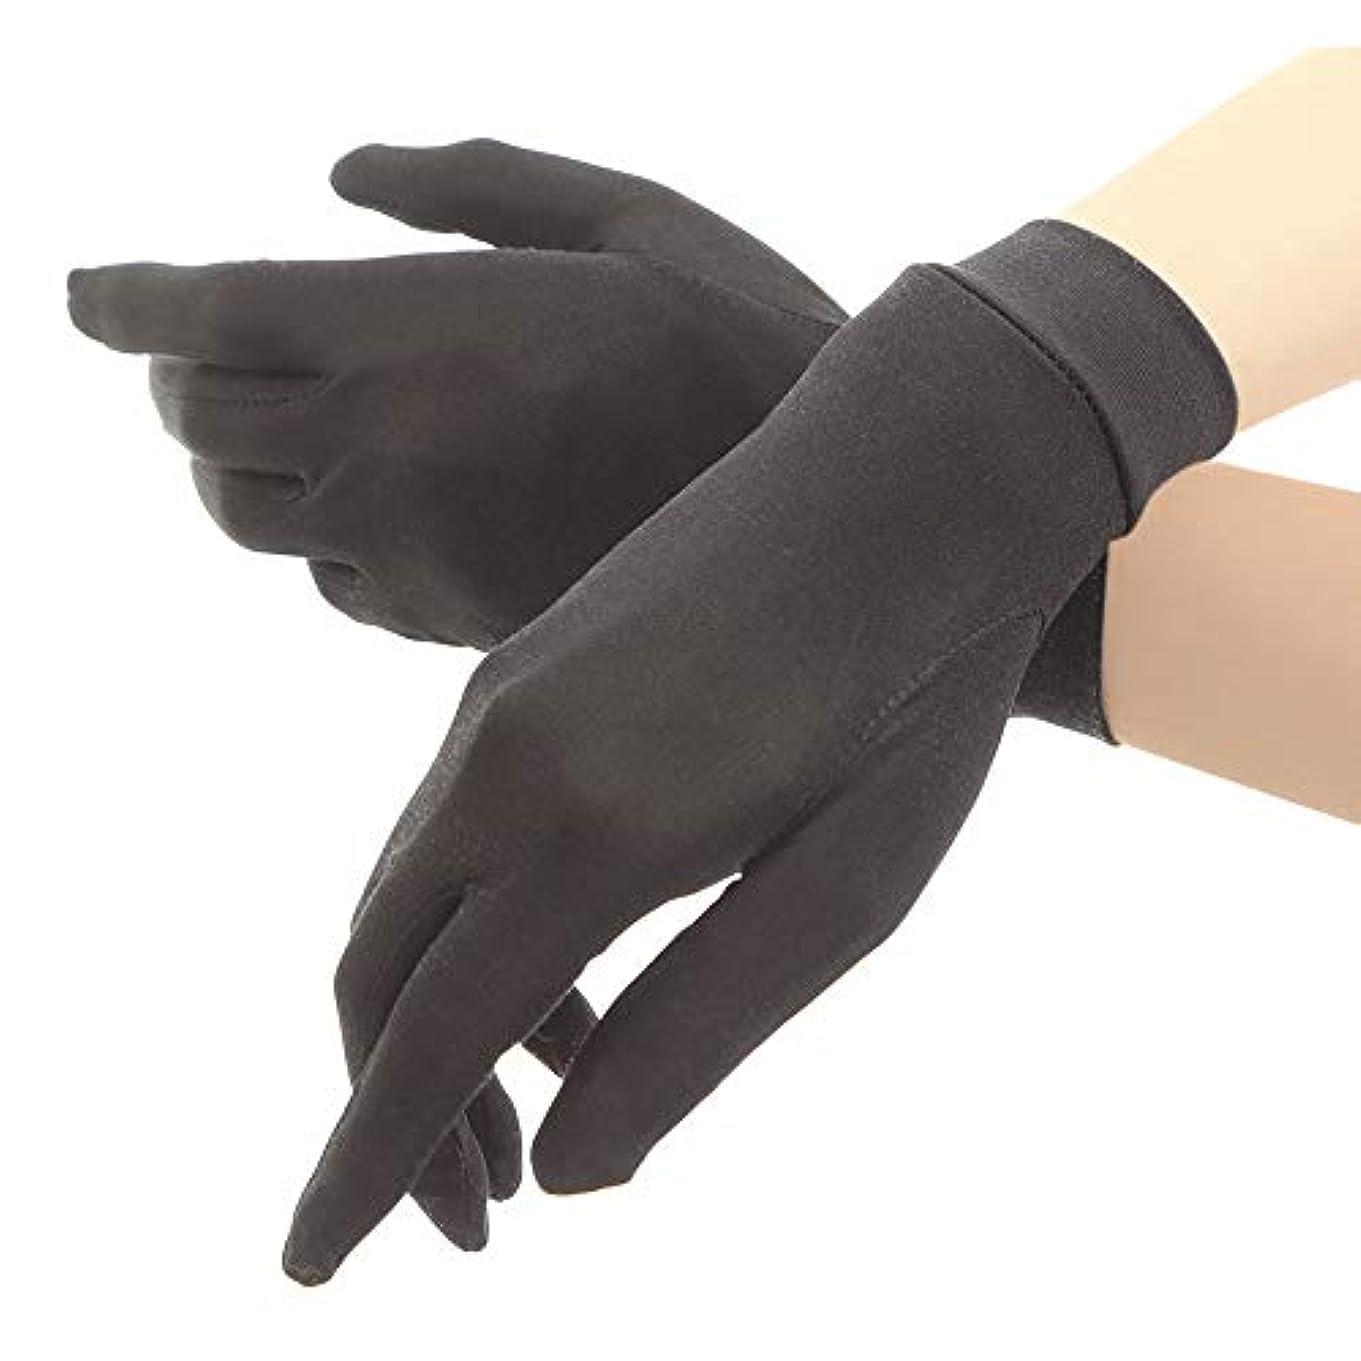 署名正確決定するシルク手袋 レディース 手袋 シルク 絹 ハンド ケア 保湿 紫外線 肌荒れ 乾燥 サイズアップで手指にマッチ 【macch】